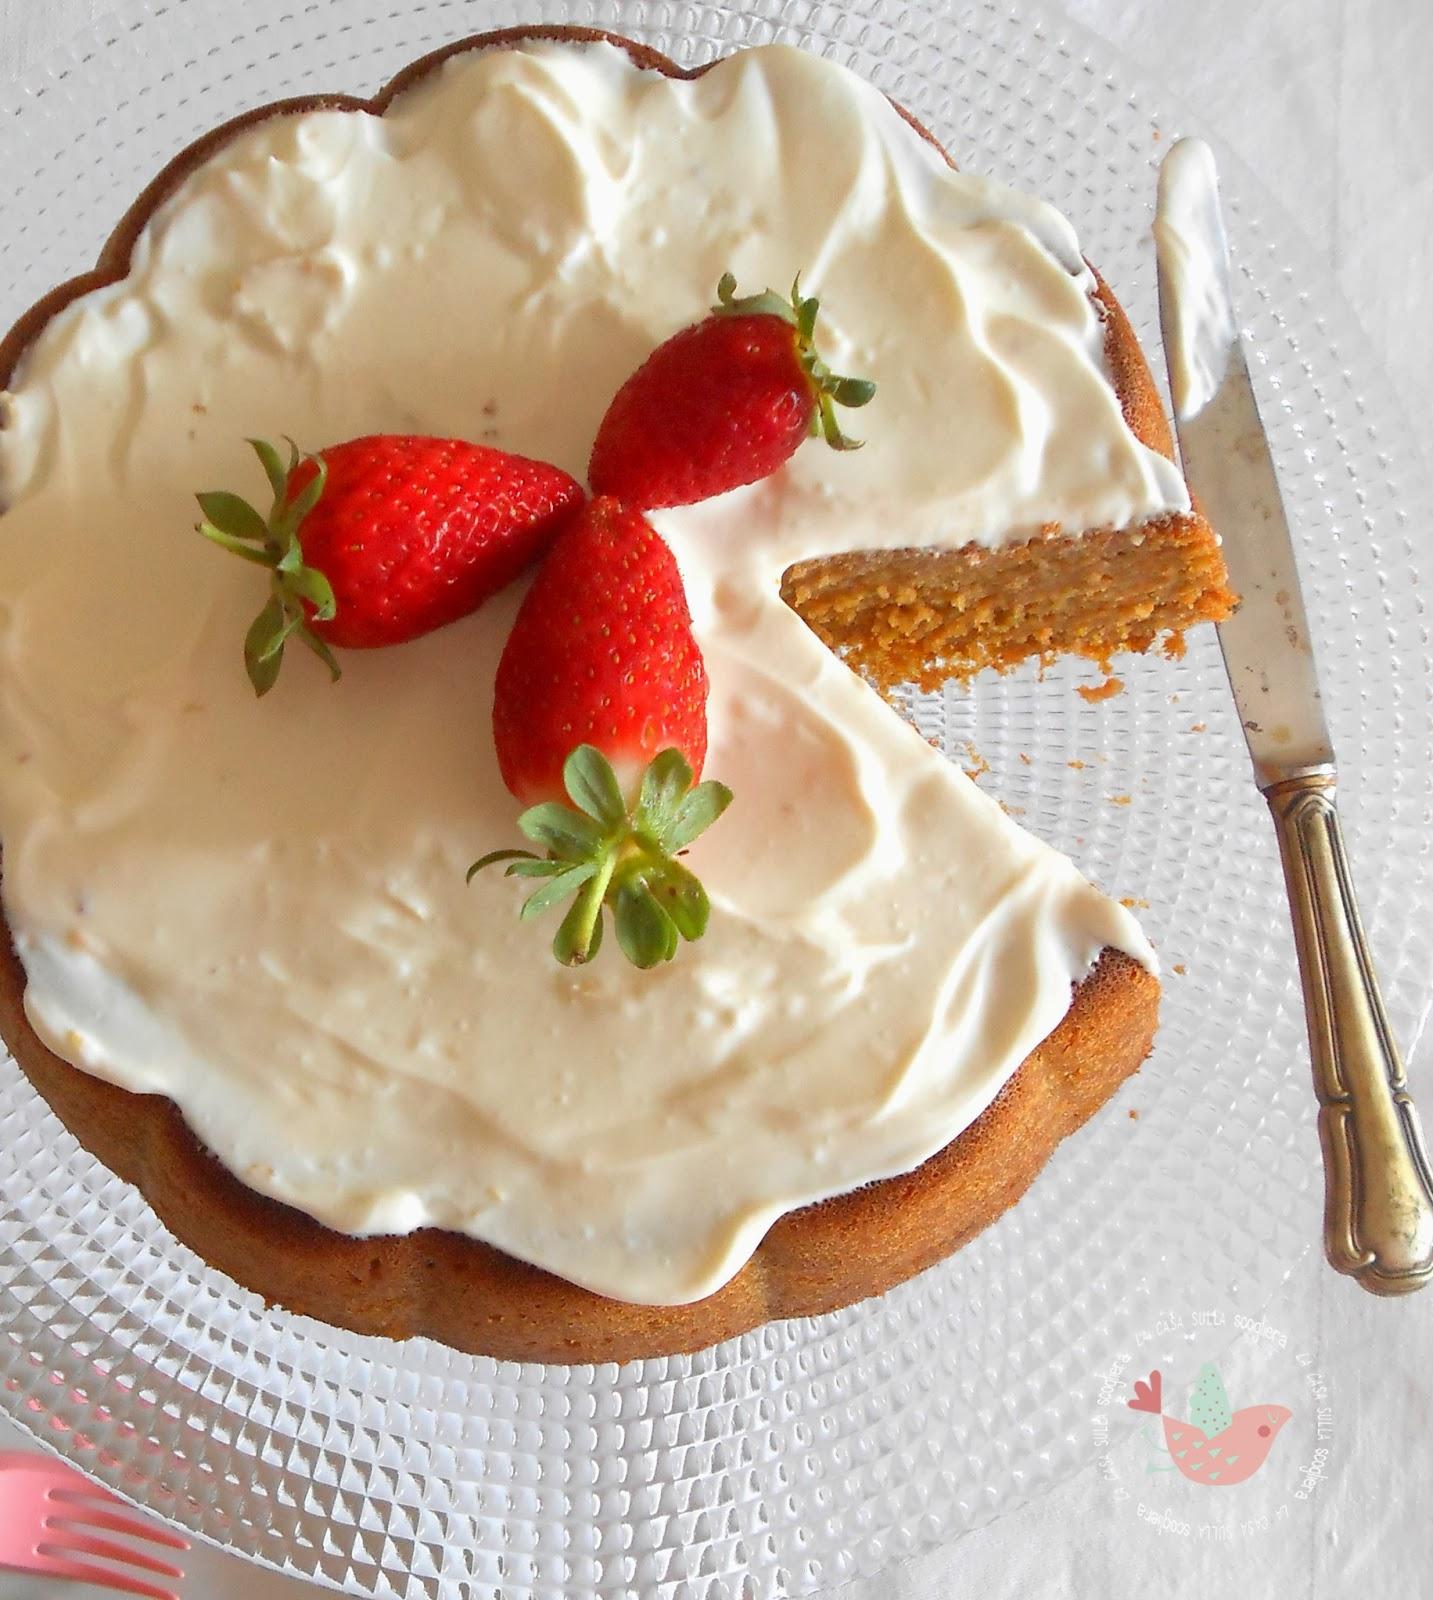 La ricetta originale americana di una torta classica e buonissime con una deliziosa copertura di crema al formaggio. Splendida, piacerà a tutta la famiglia!